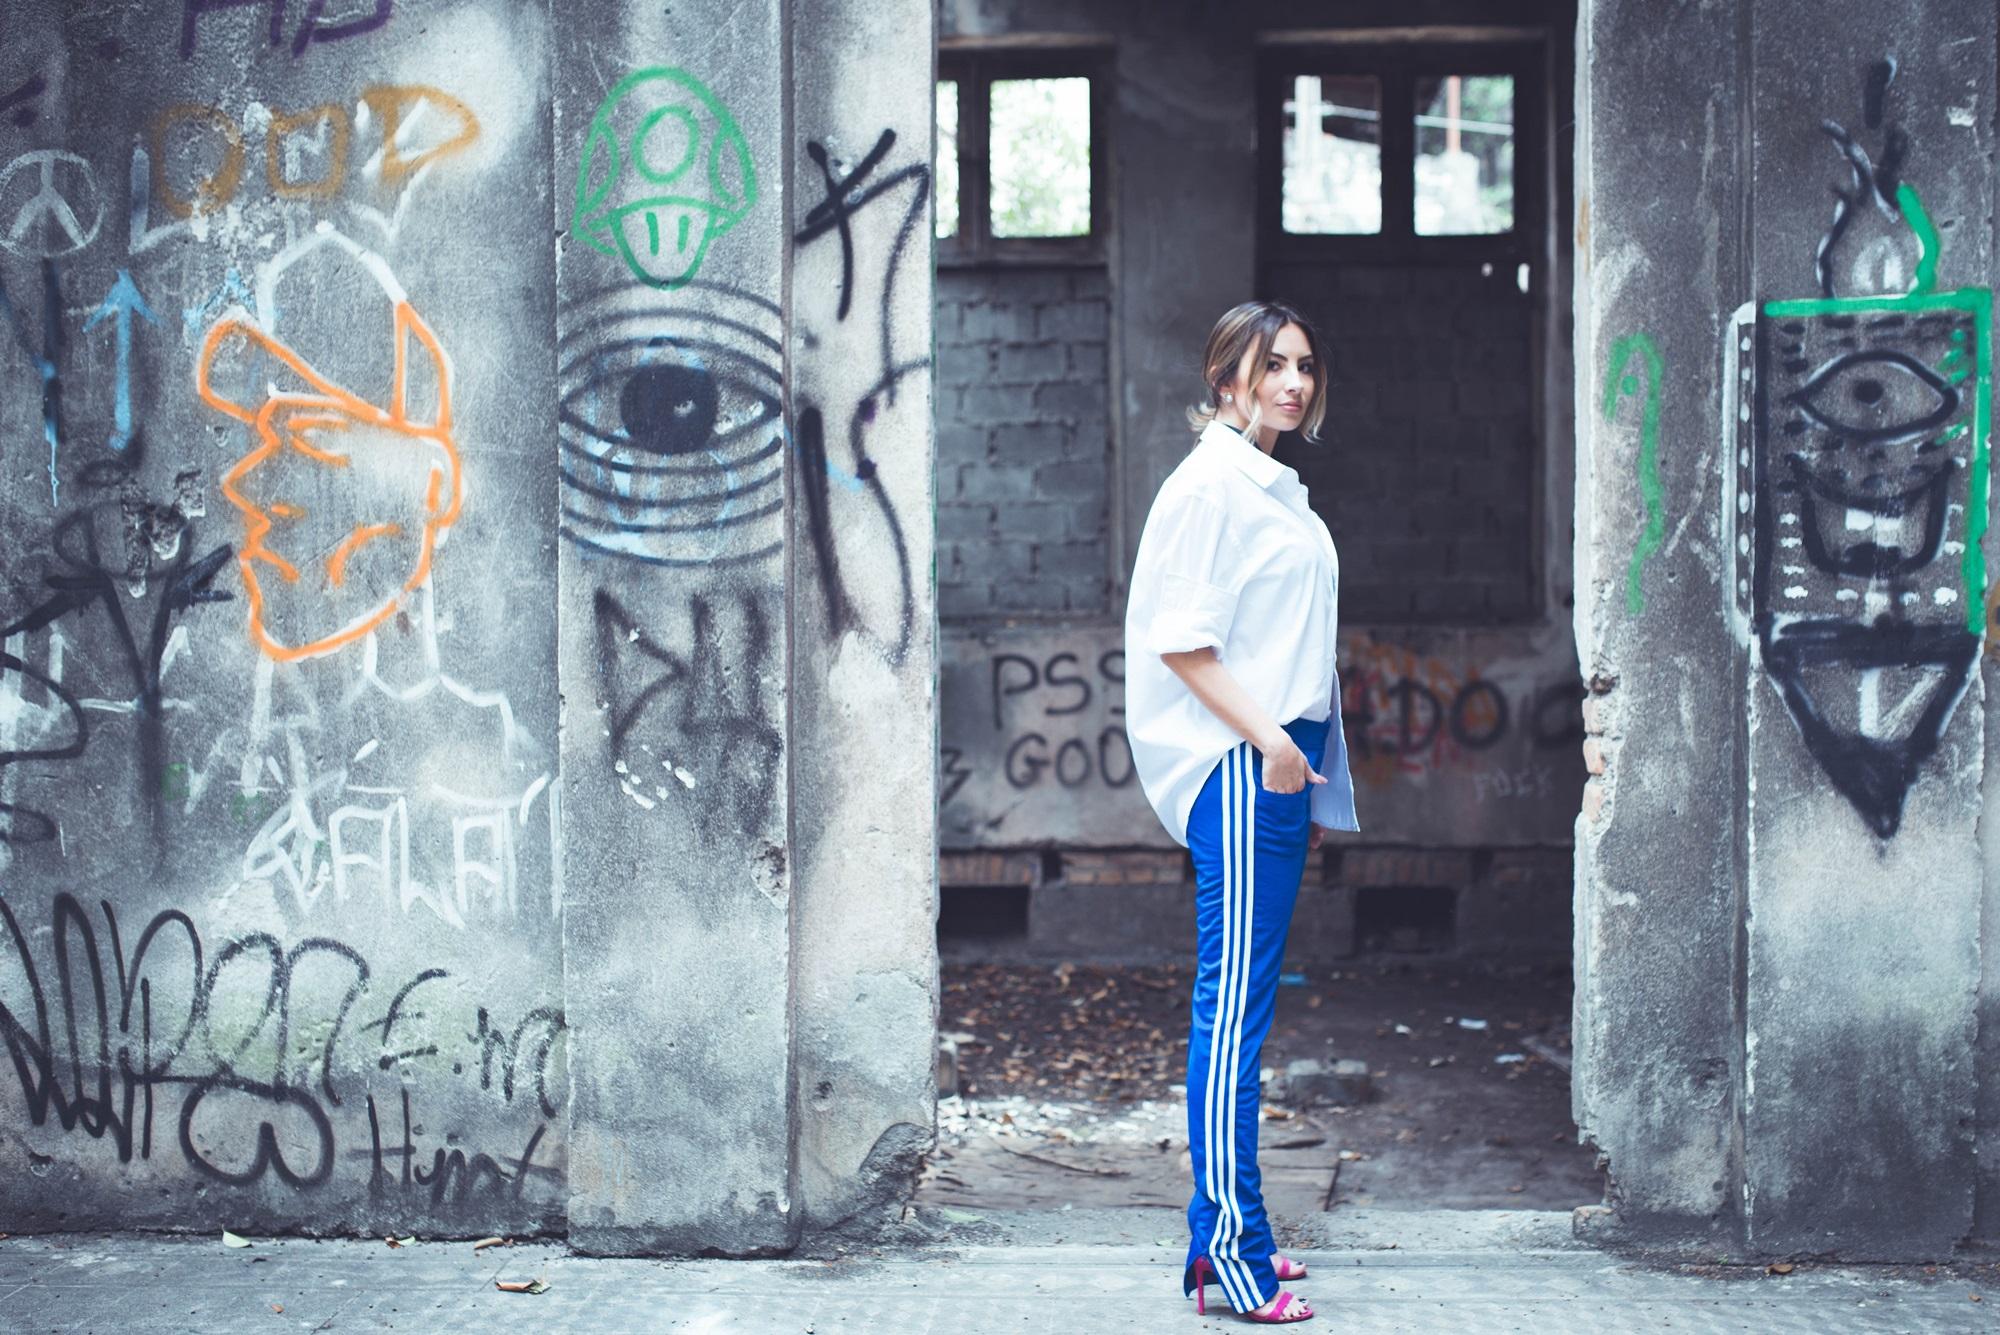 calca-adidas-camisa-do-boy-sandalias-tiras-genderless-style-blogvanduarte-5